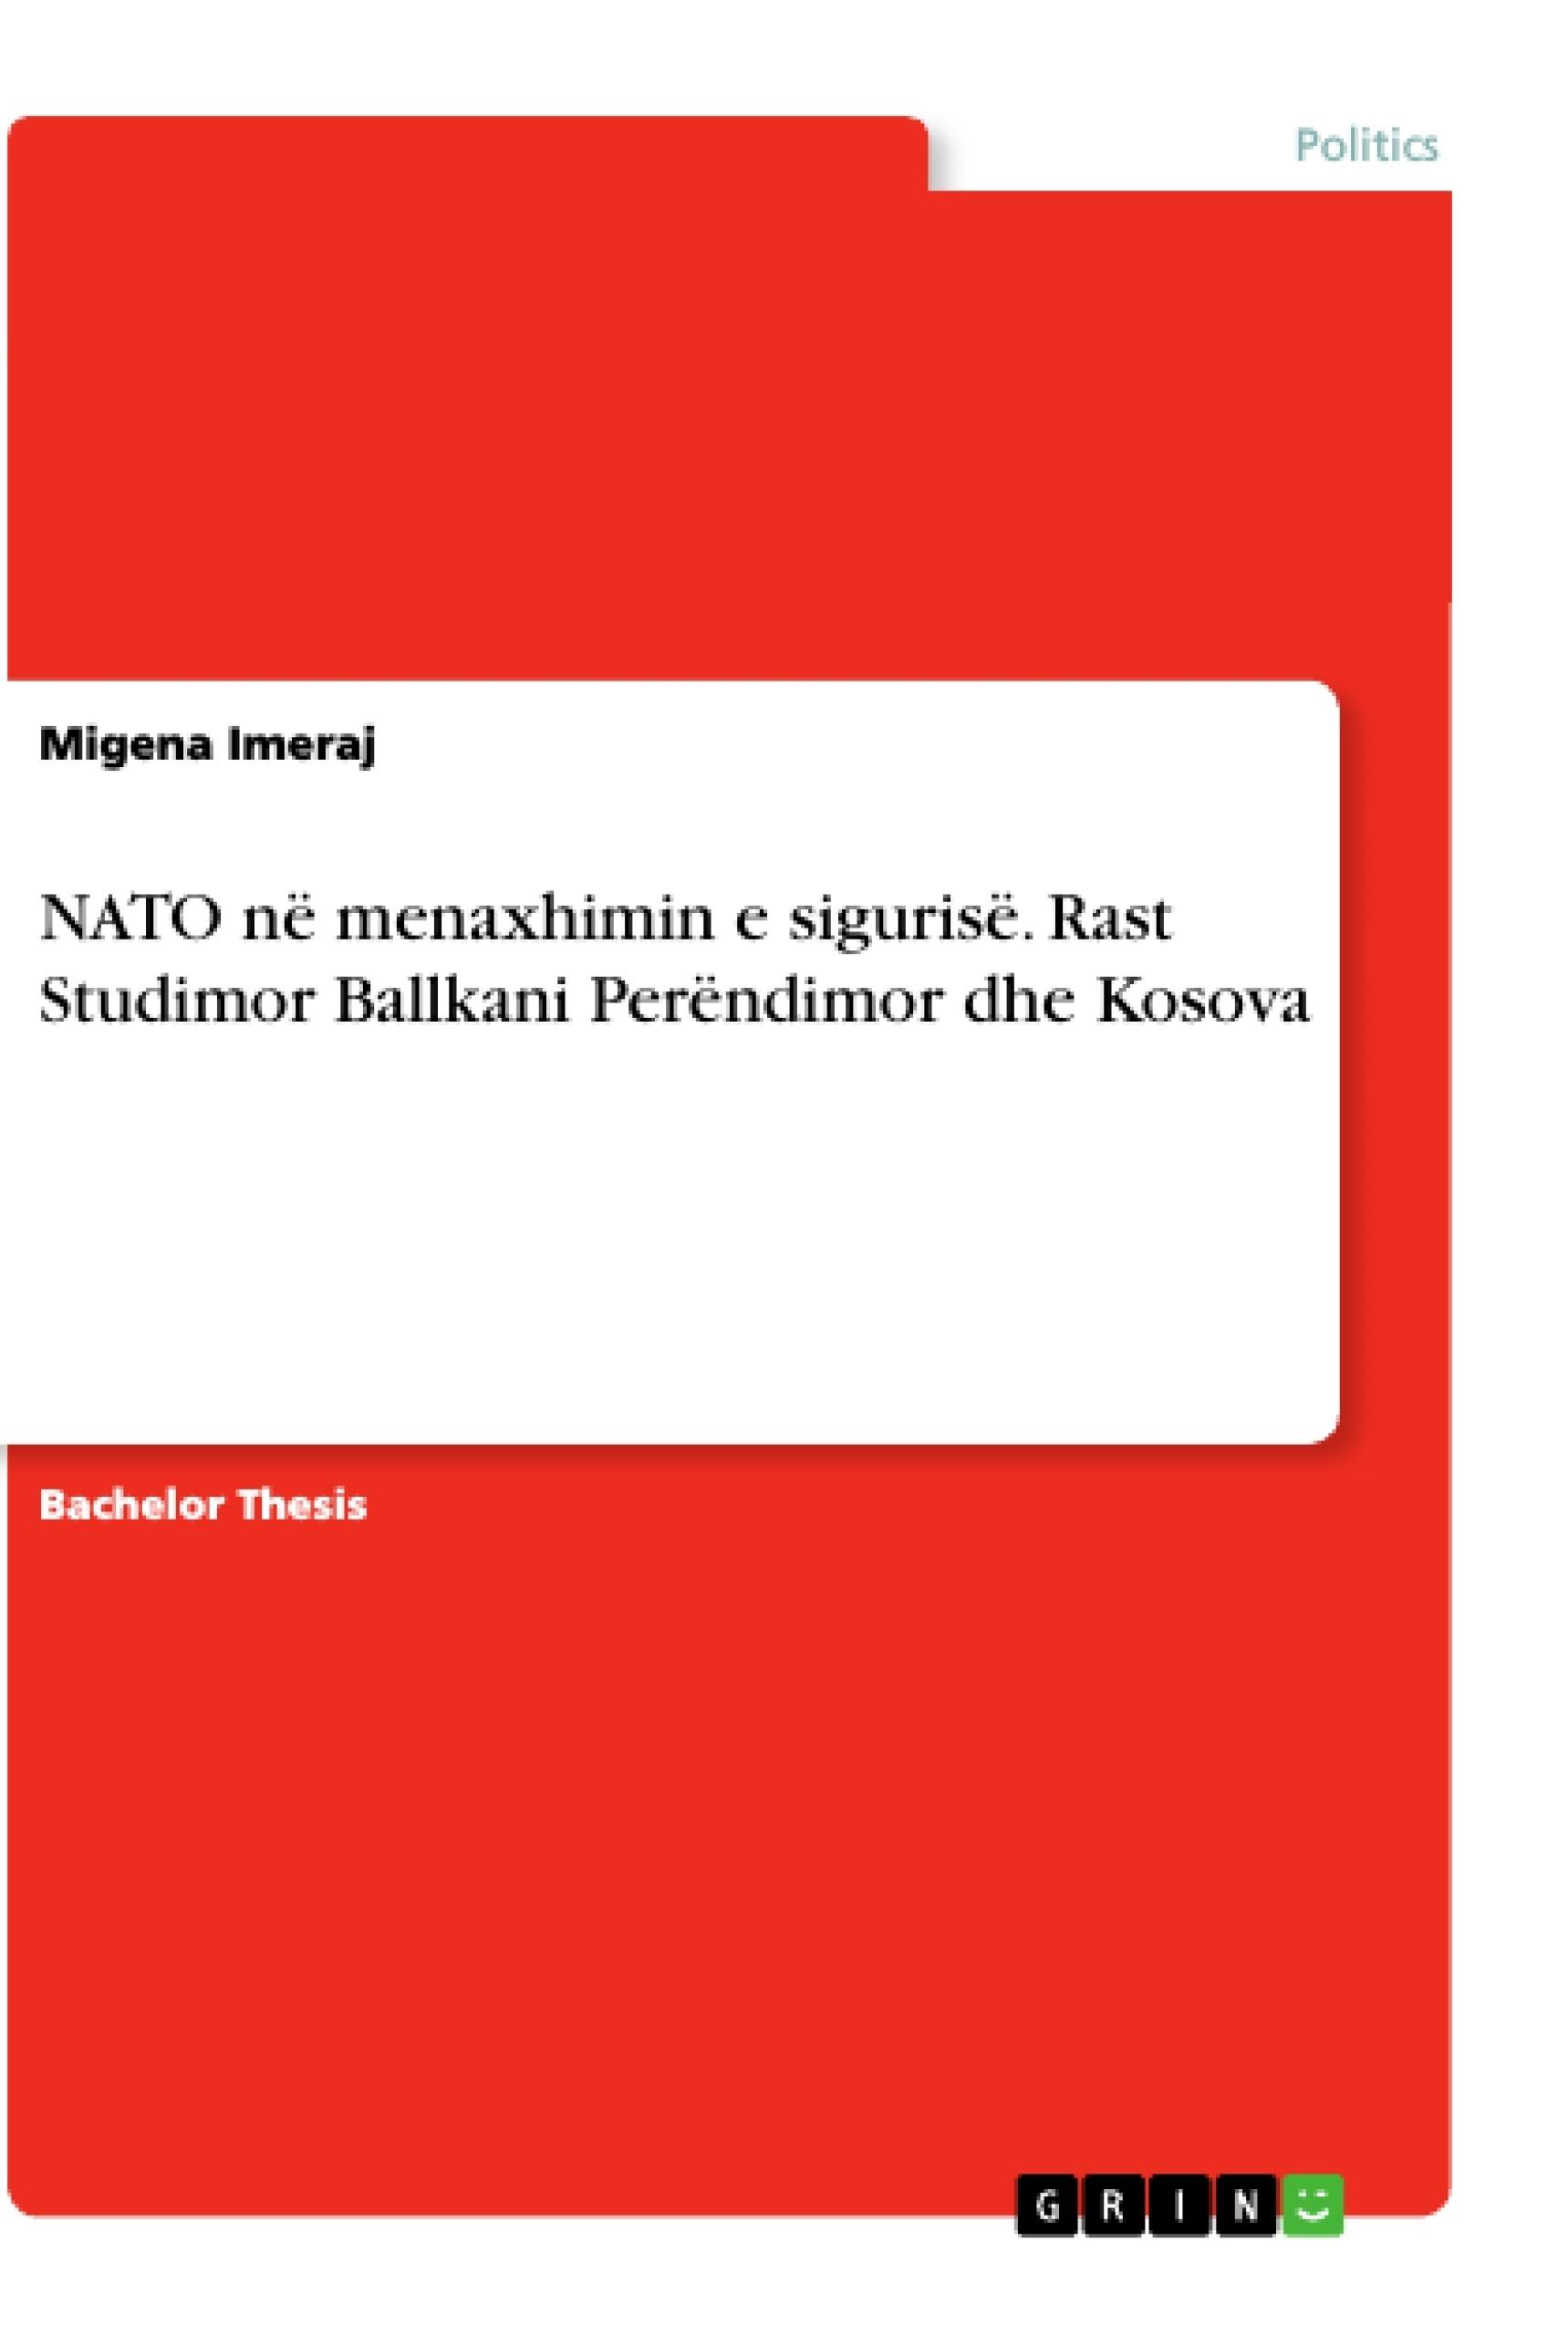 Title: NATO në menaxhimin e sigurisë. Rast Studimor Ballkani Perëndimor dhe Kosova